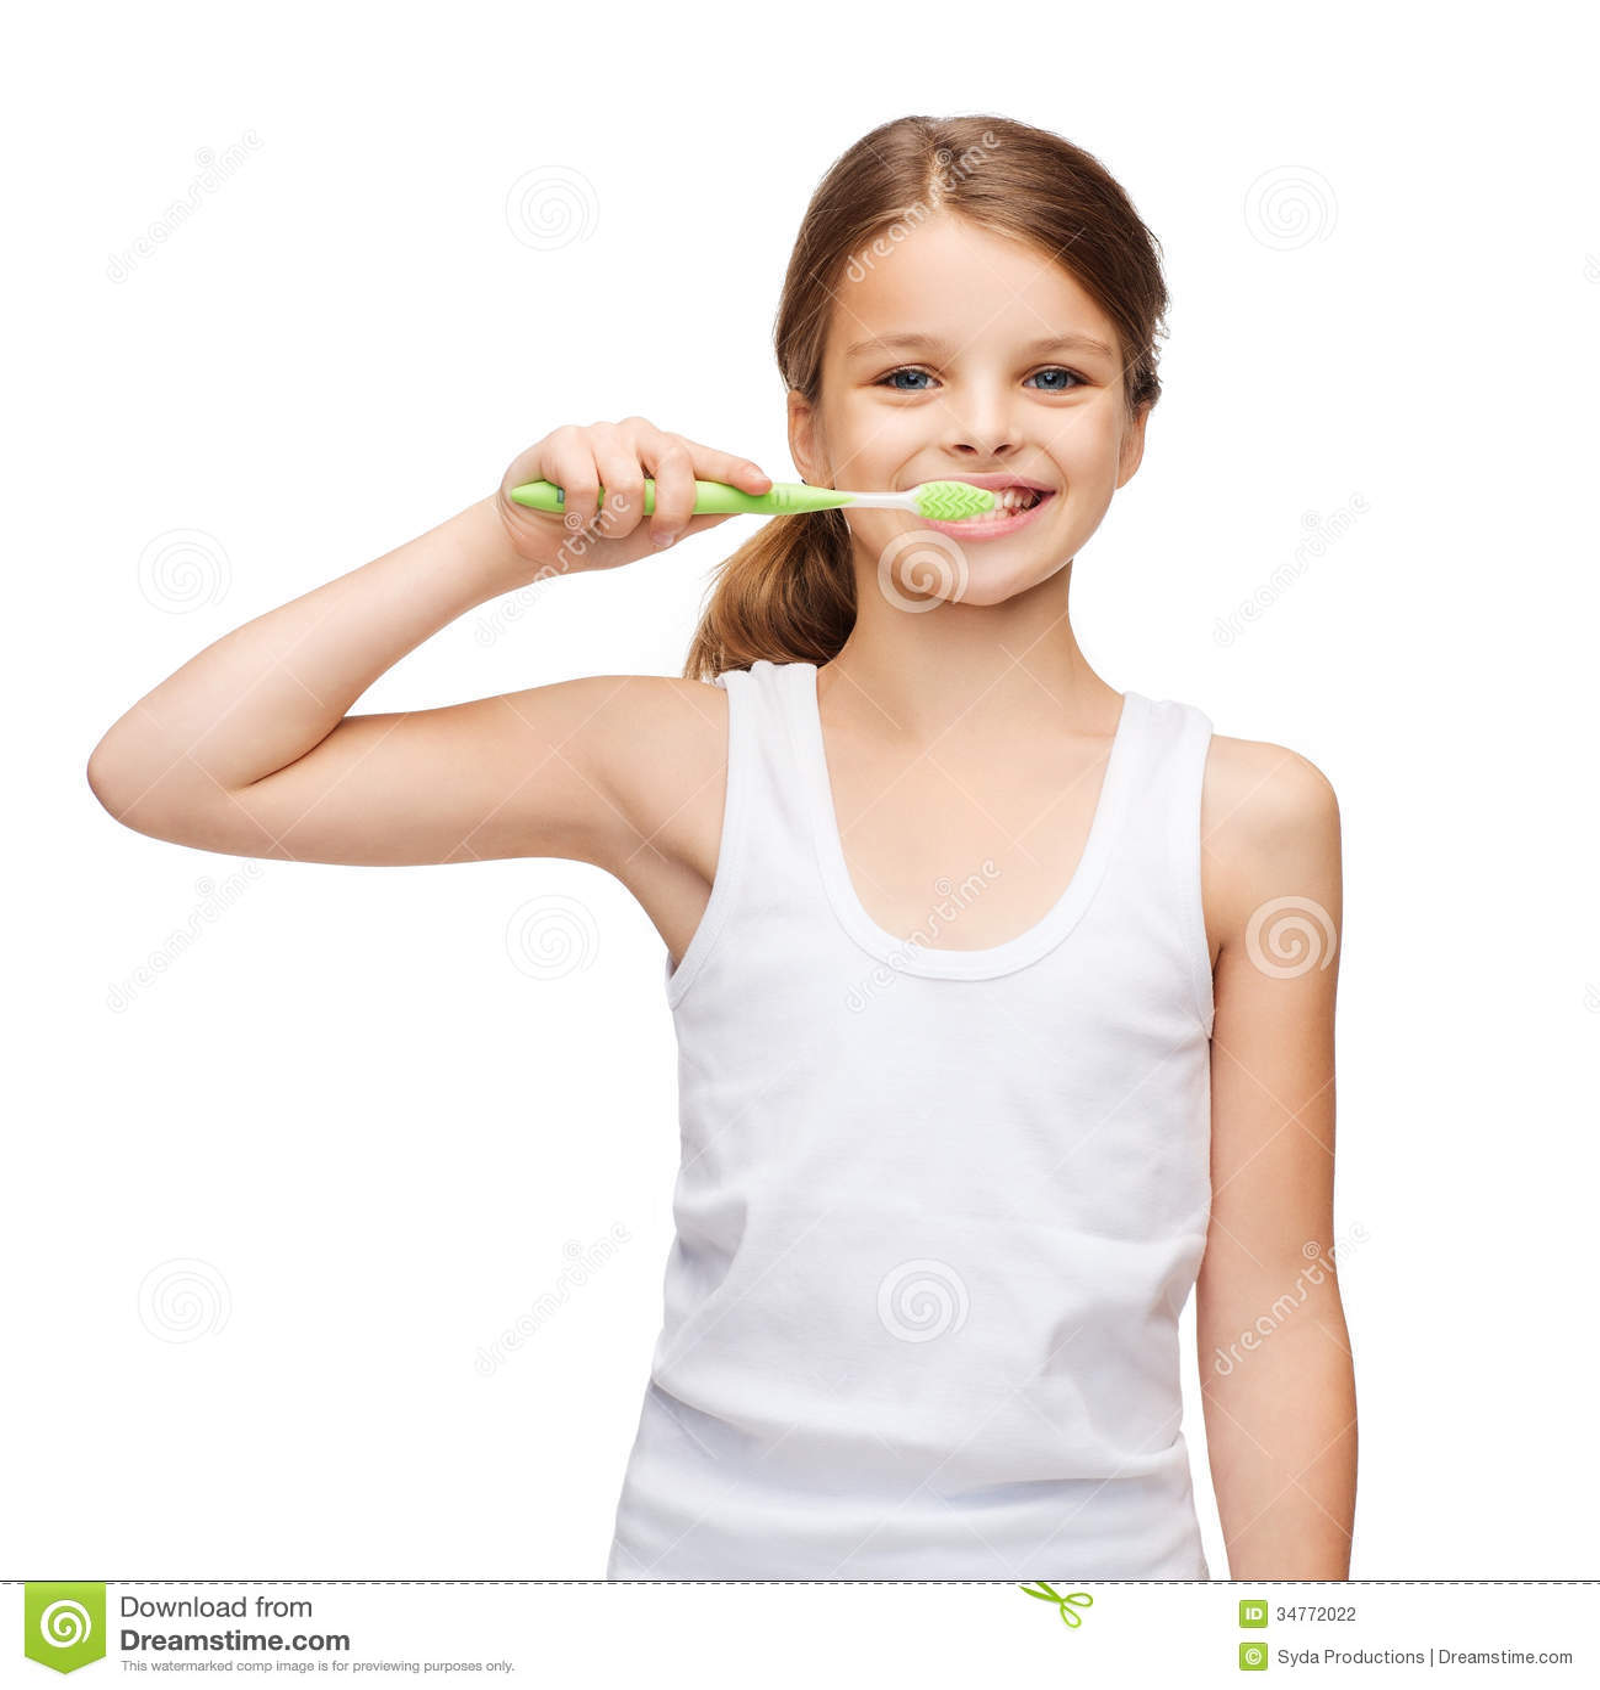 Фото вагина девочки подростка 12 фотография